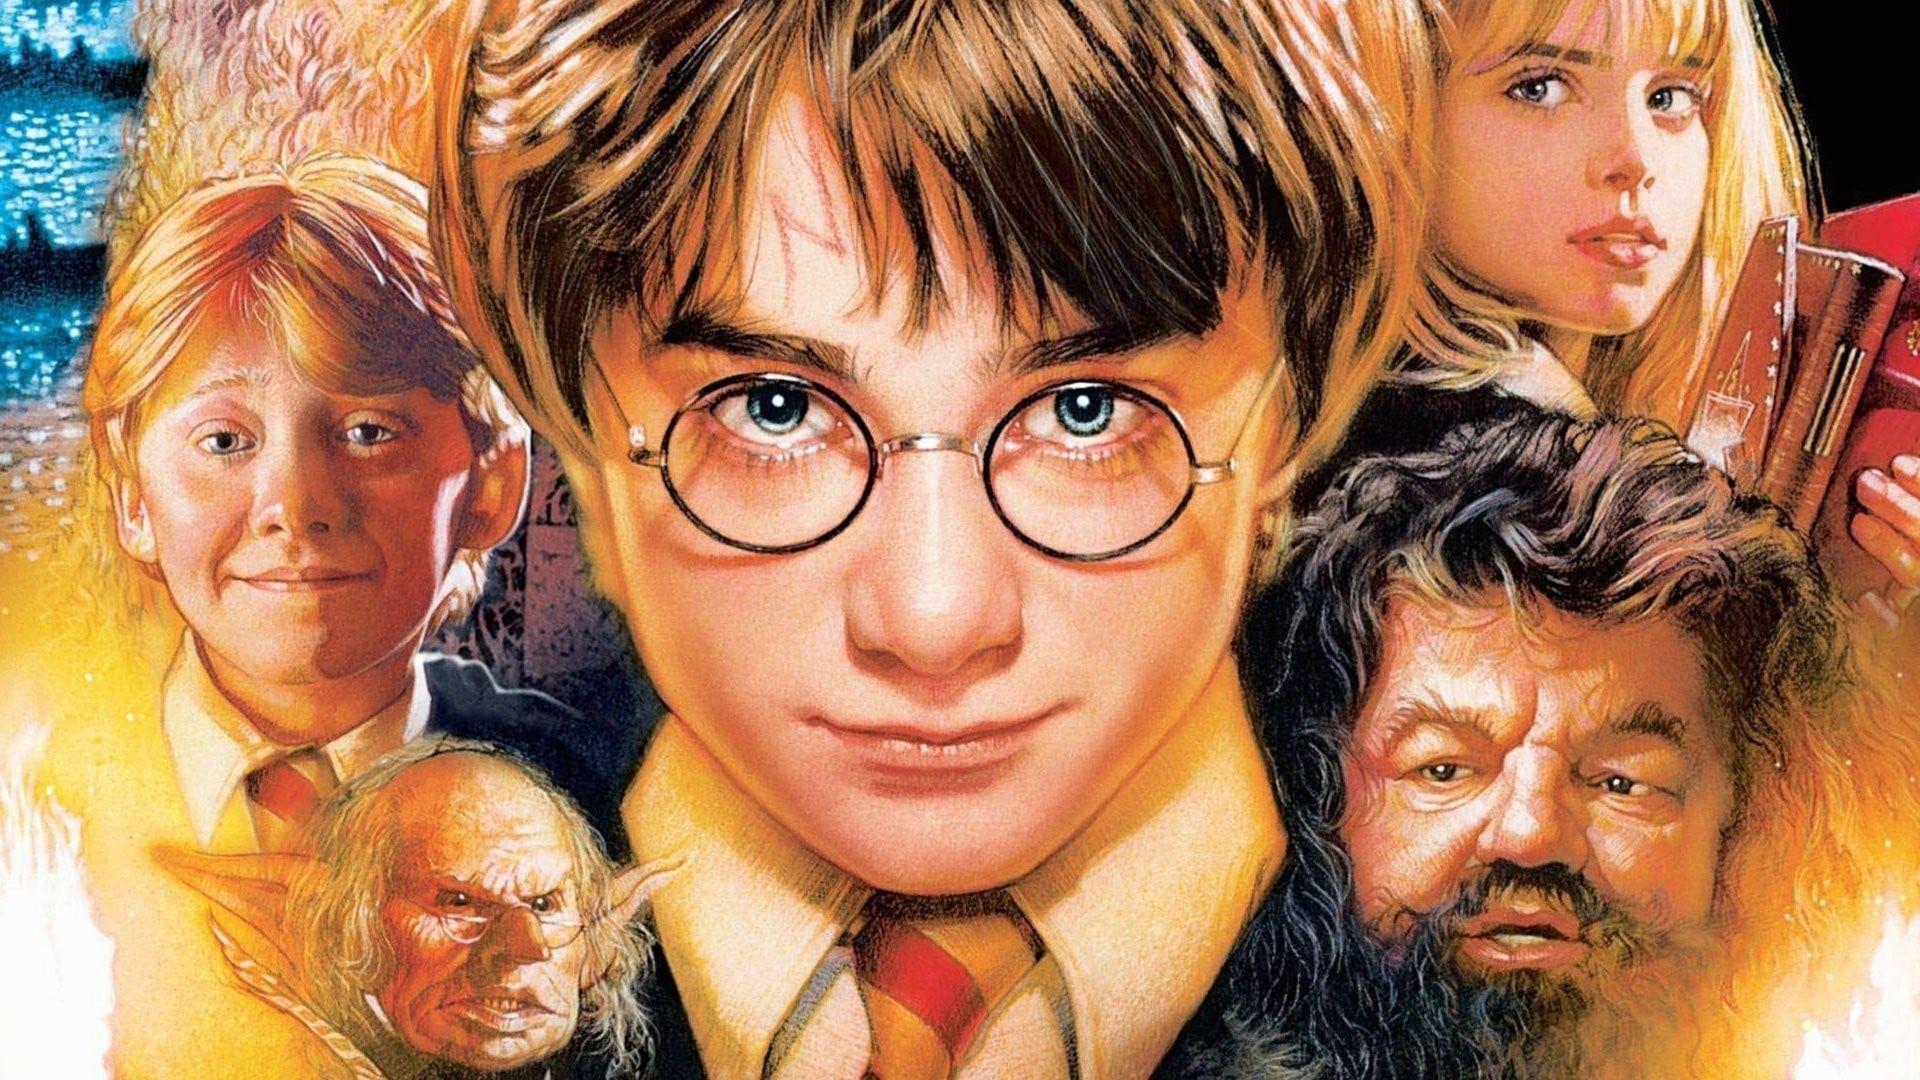 Harry Potter Och De Vises Sten 2001 Putlocker Film Complet Streaming En Helt Ny Varld Oppnar Sig Fo Harry Potter Movies Harry Potter Christmas Harry Potter Rpg